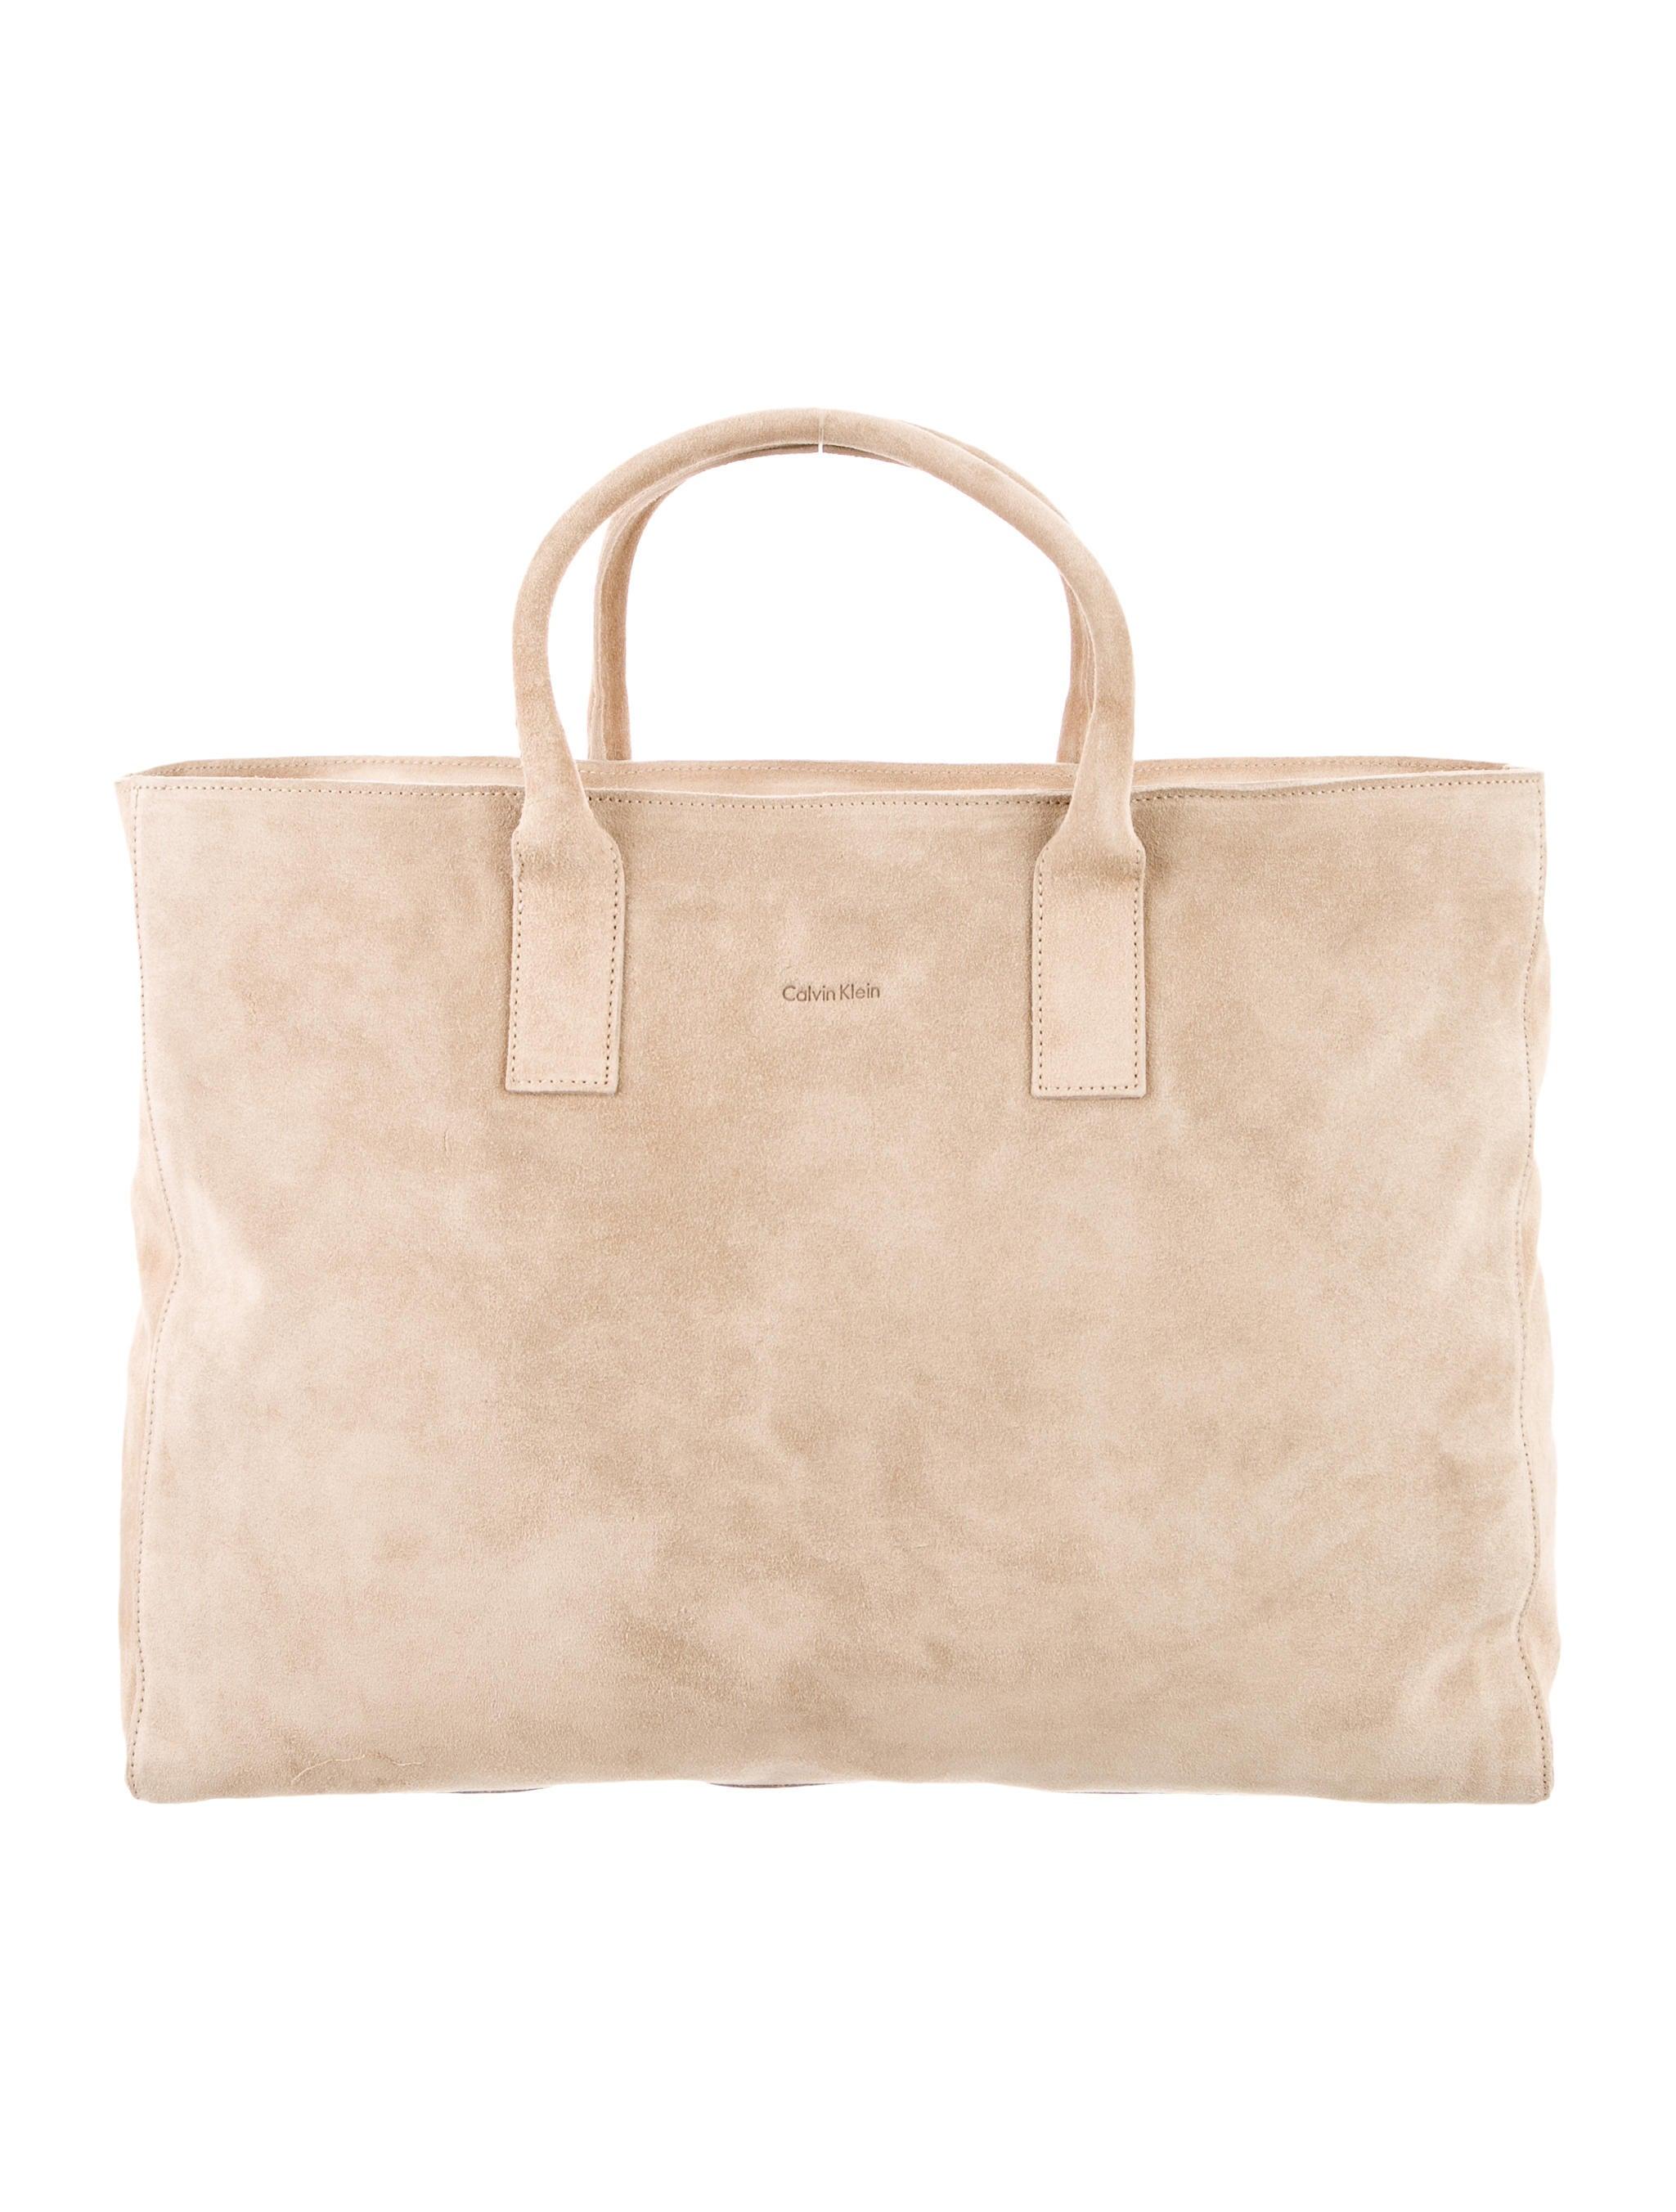 calvin klein collection bag